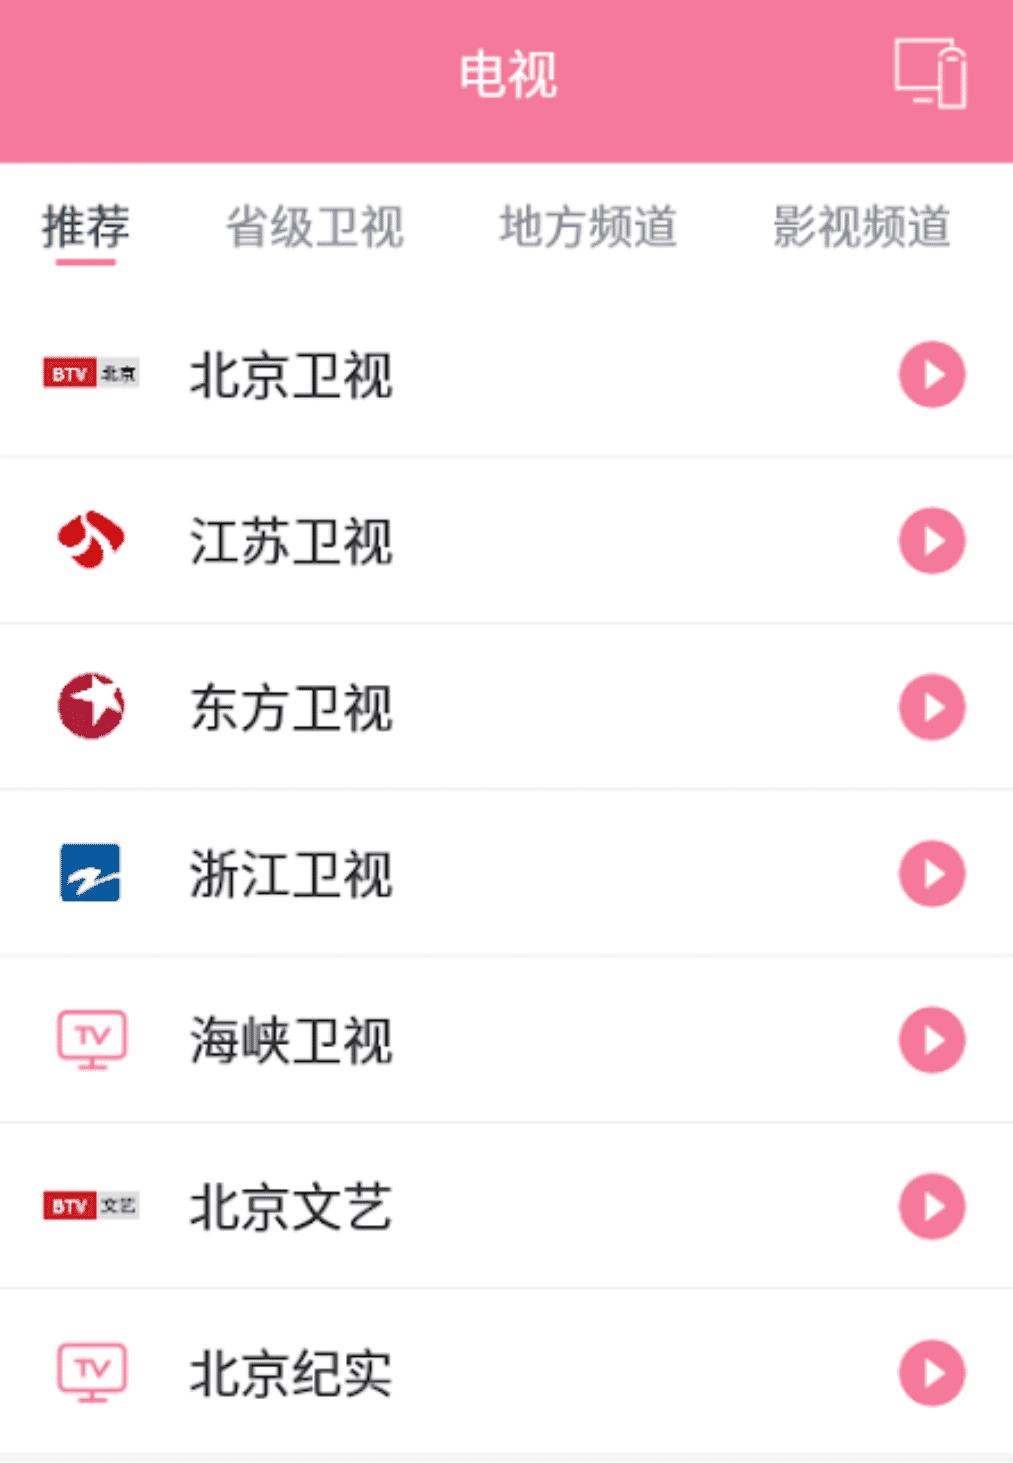 投屏助手v3.0.0去广告_去推荐_清爽版